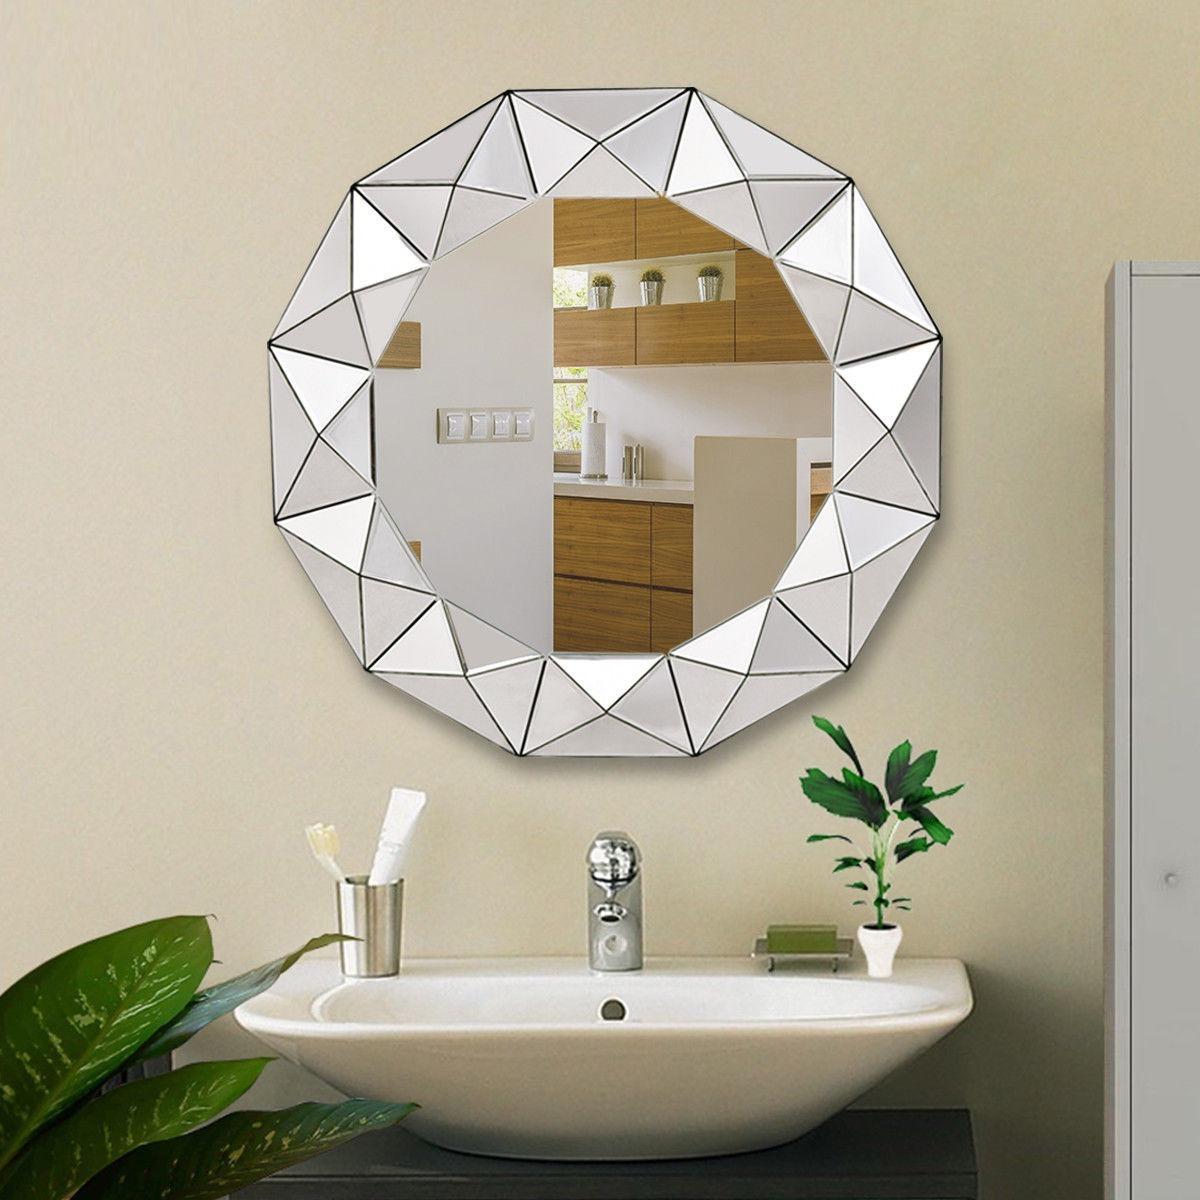 Espejo Para Baño Redondo Biselado 31.5 Diametro - $ 3,080.00 en ...